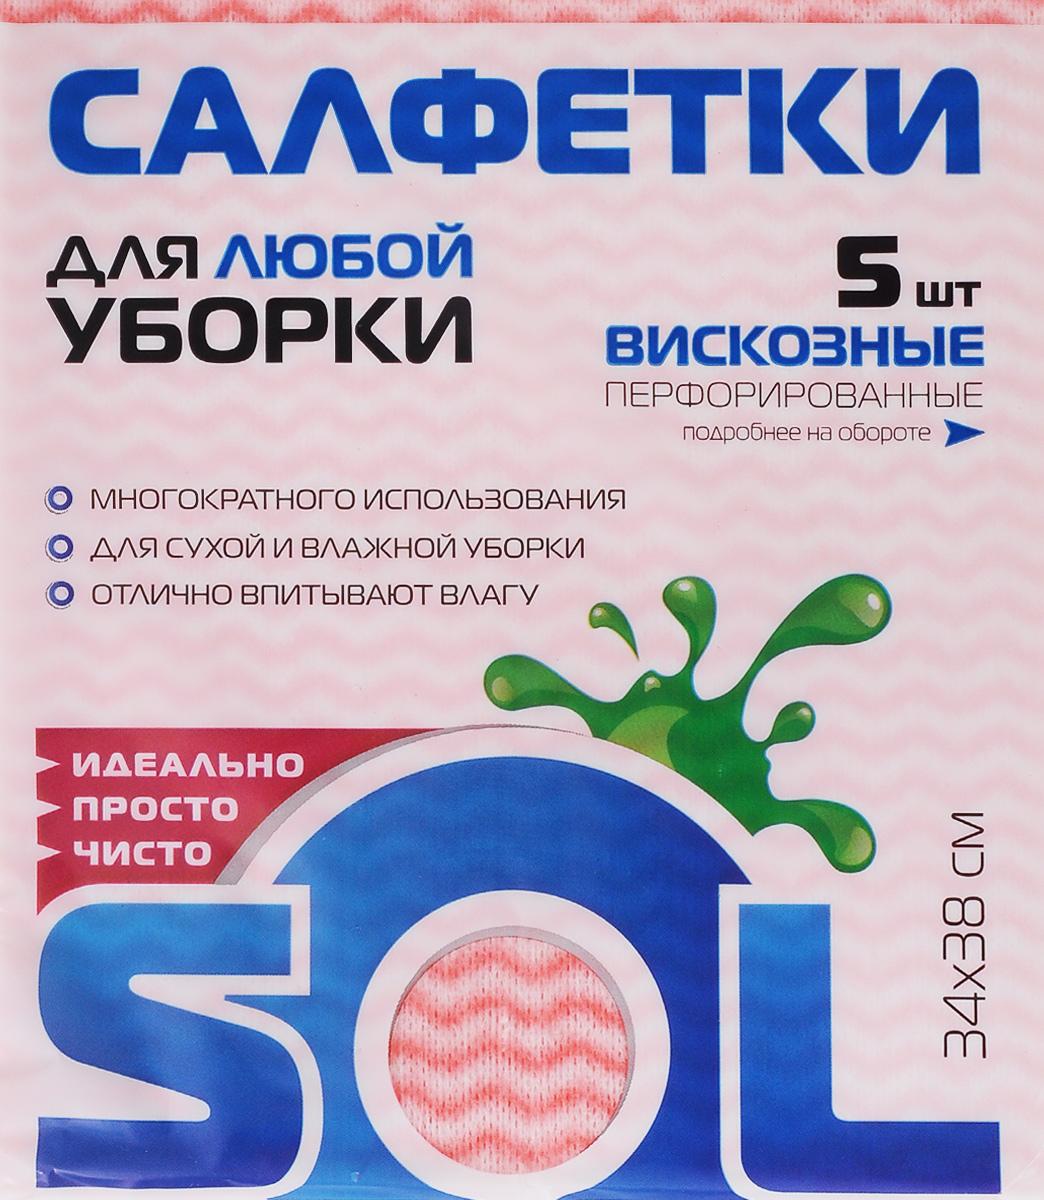 Салфетка для уборки Sol, из вискозы, перфорированная, цвет: розовый, зеленый, 34 x 38 см, 5 шт10005/10053_розовый, зелёныйПерфорированные салфетки Sol, выполненные из вискозы, предназначены для уборки и могут применяться с различными моющими средствами. Благодаря перфорации салфетка быстро высыхает, что позволяет избежать возникновения неприятных запахов. Отлично подходит для полировки различных поверхностей, не оставляет разводов и ворсинок. Рекомендации по уходу: Для обеспечения гигиеничности уборки после применения прополоскать в теплой воде.Для продления срока службы не применять машинную стирку, не гладить и не кипятить.